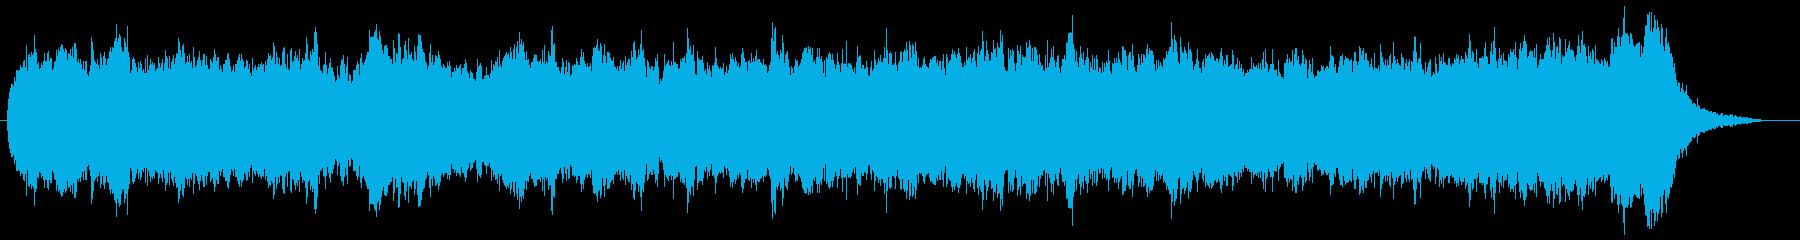 バッハ風三声のパイプオルガンオリジナルの再生済みの波形